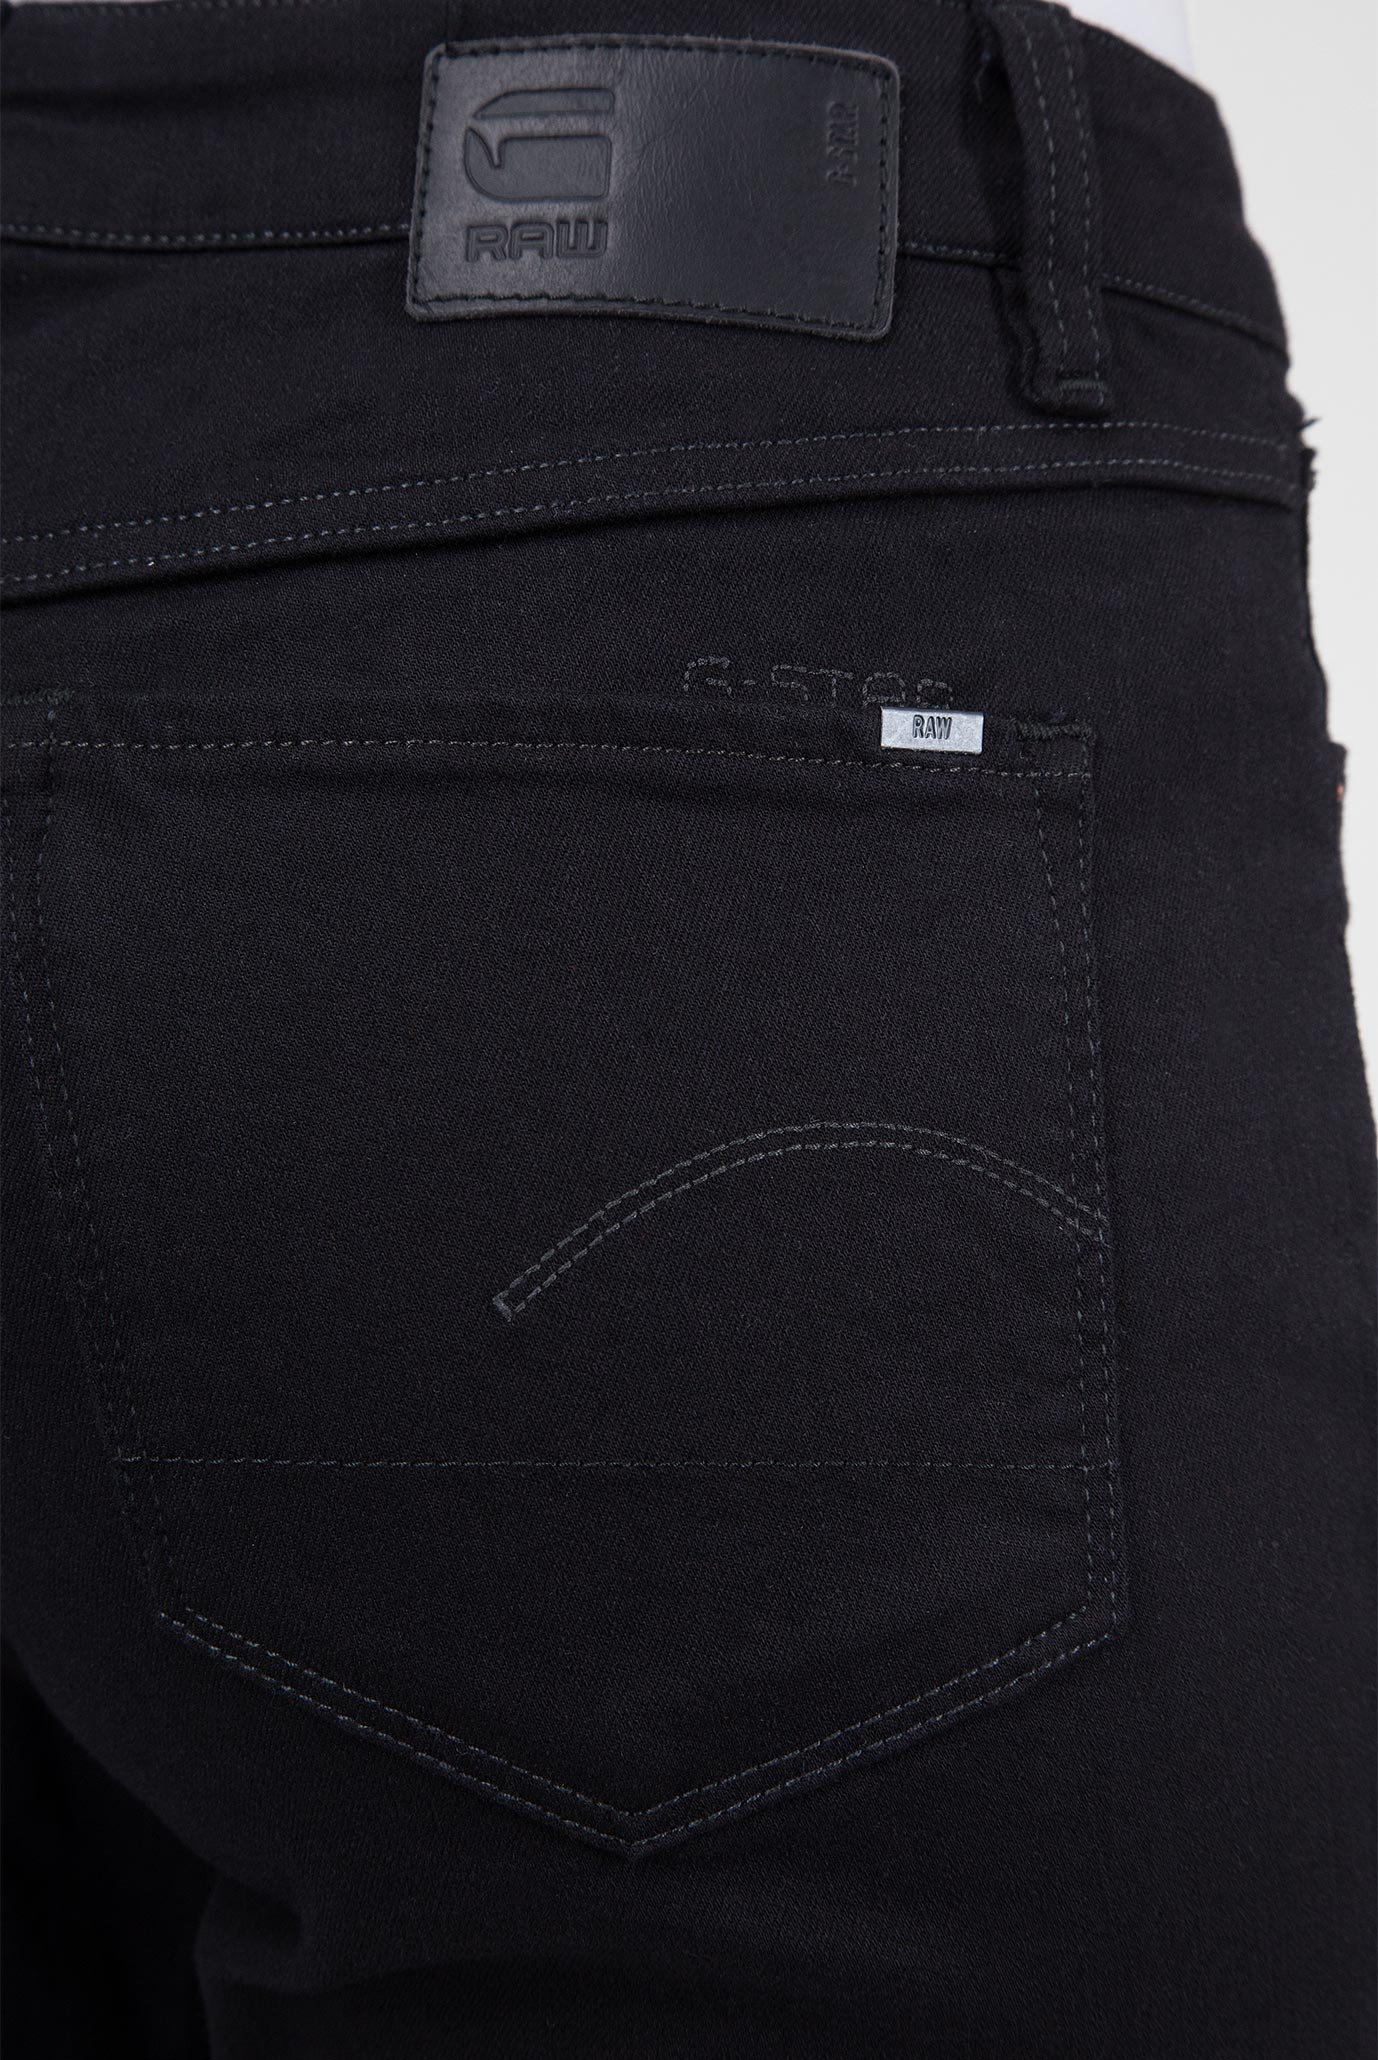 Купить Женские черные джинсы 3301 Mid Boyfriend NEW G-Star RAW G-Star RAW D10399,8970 – Киев, Украина. Цены в интернет магазине MD Fashion